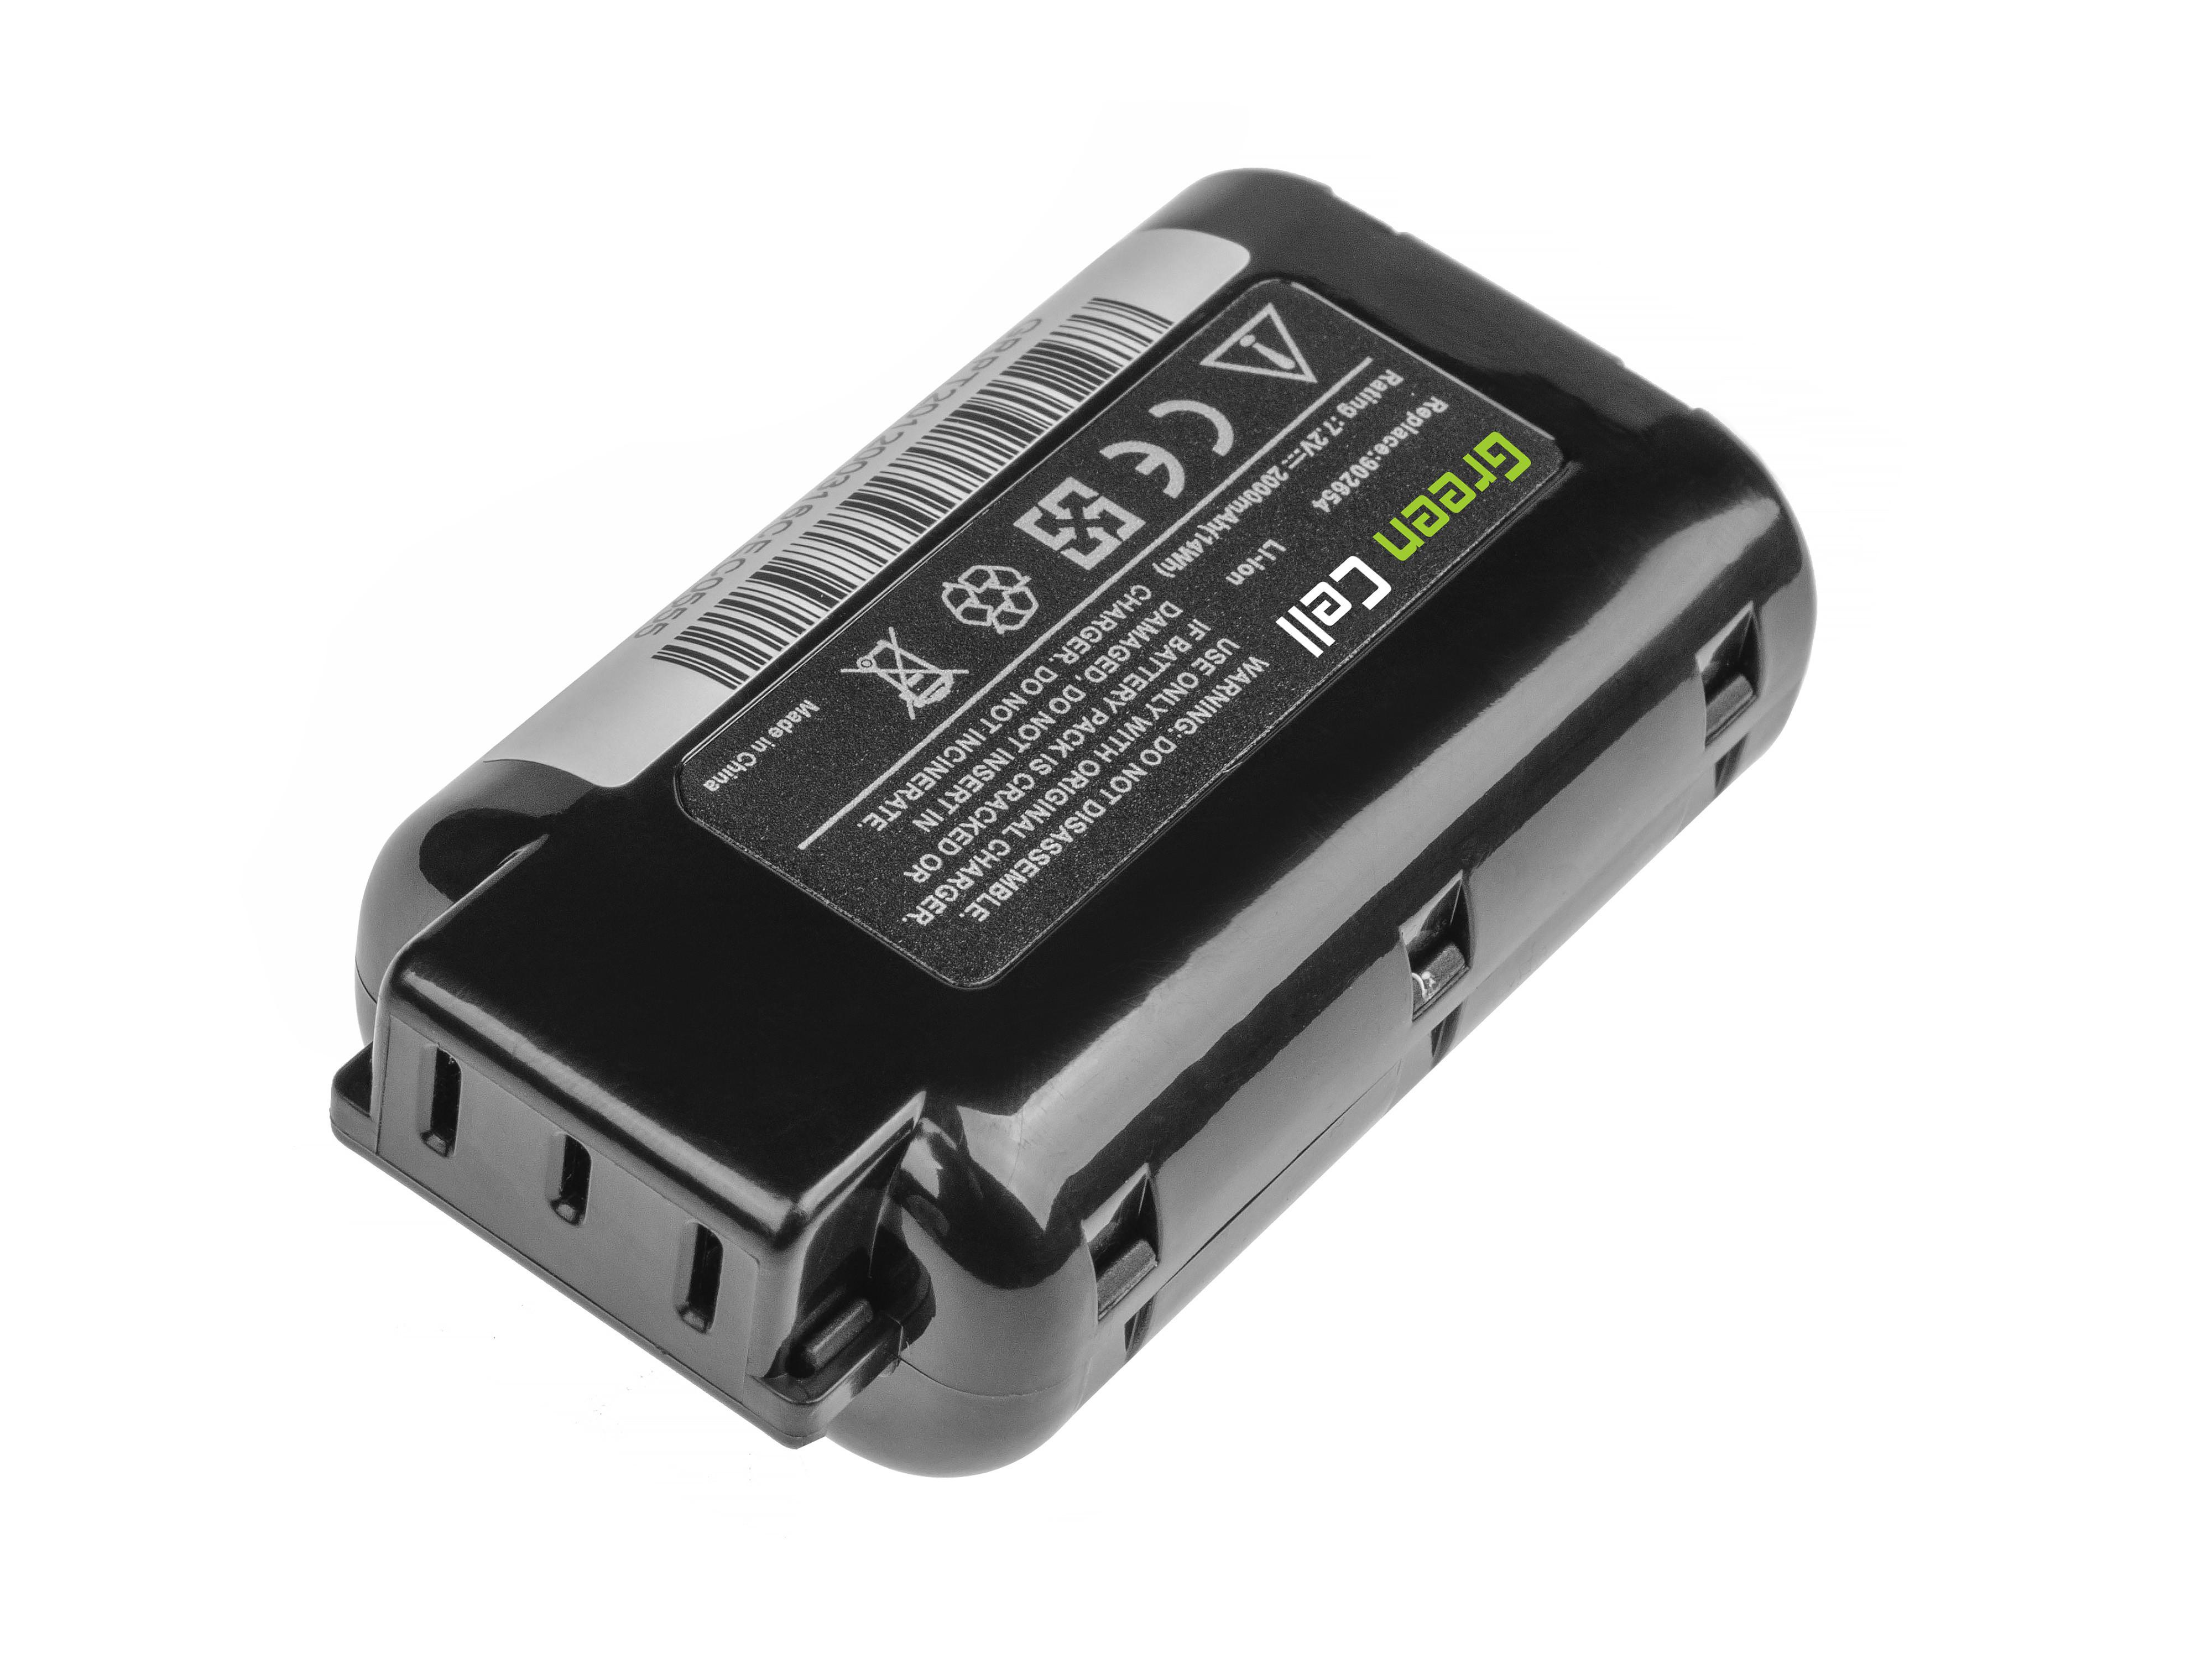 Green Cell Baterie 902654 B20543 pro Paslode PPN35i Li CF325Li CF325XP IM65Li IM250Li IM360Ci Li